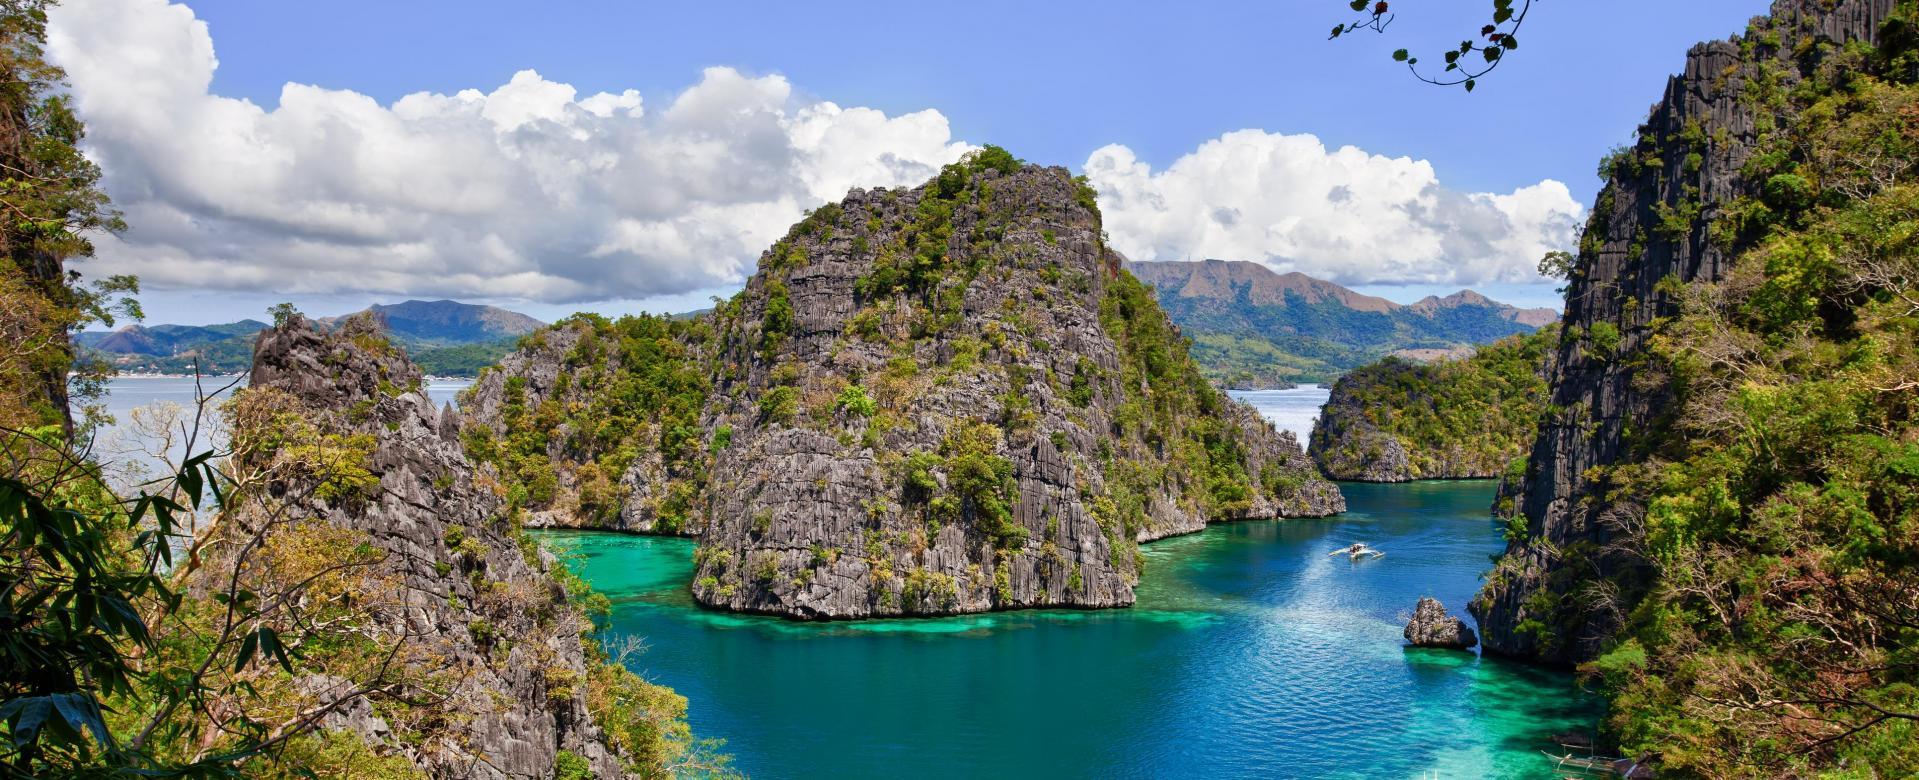 Voyage à pied Philippines : Rizières de luzon et corail de busuanga